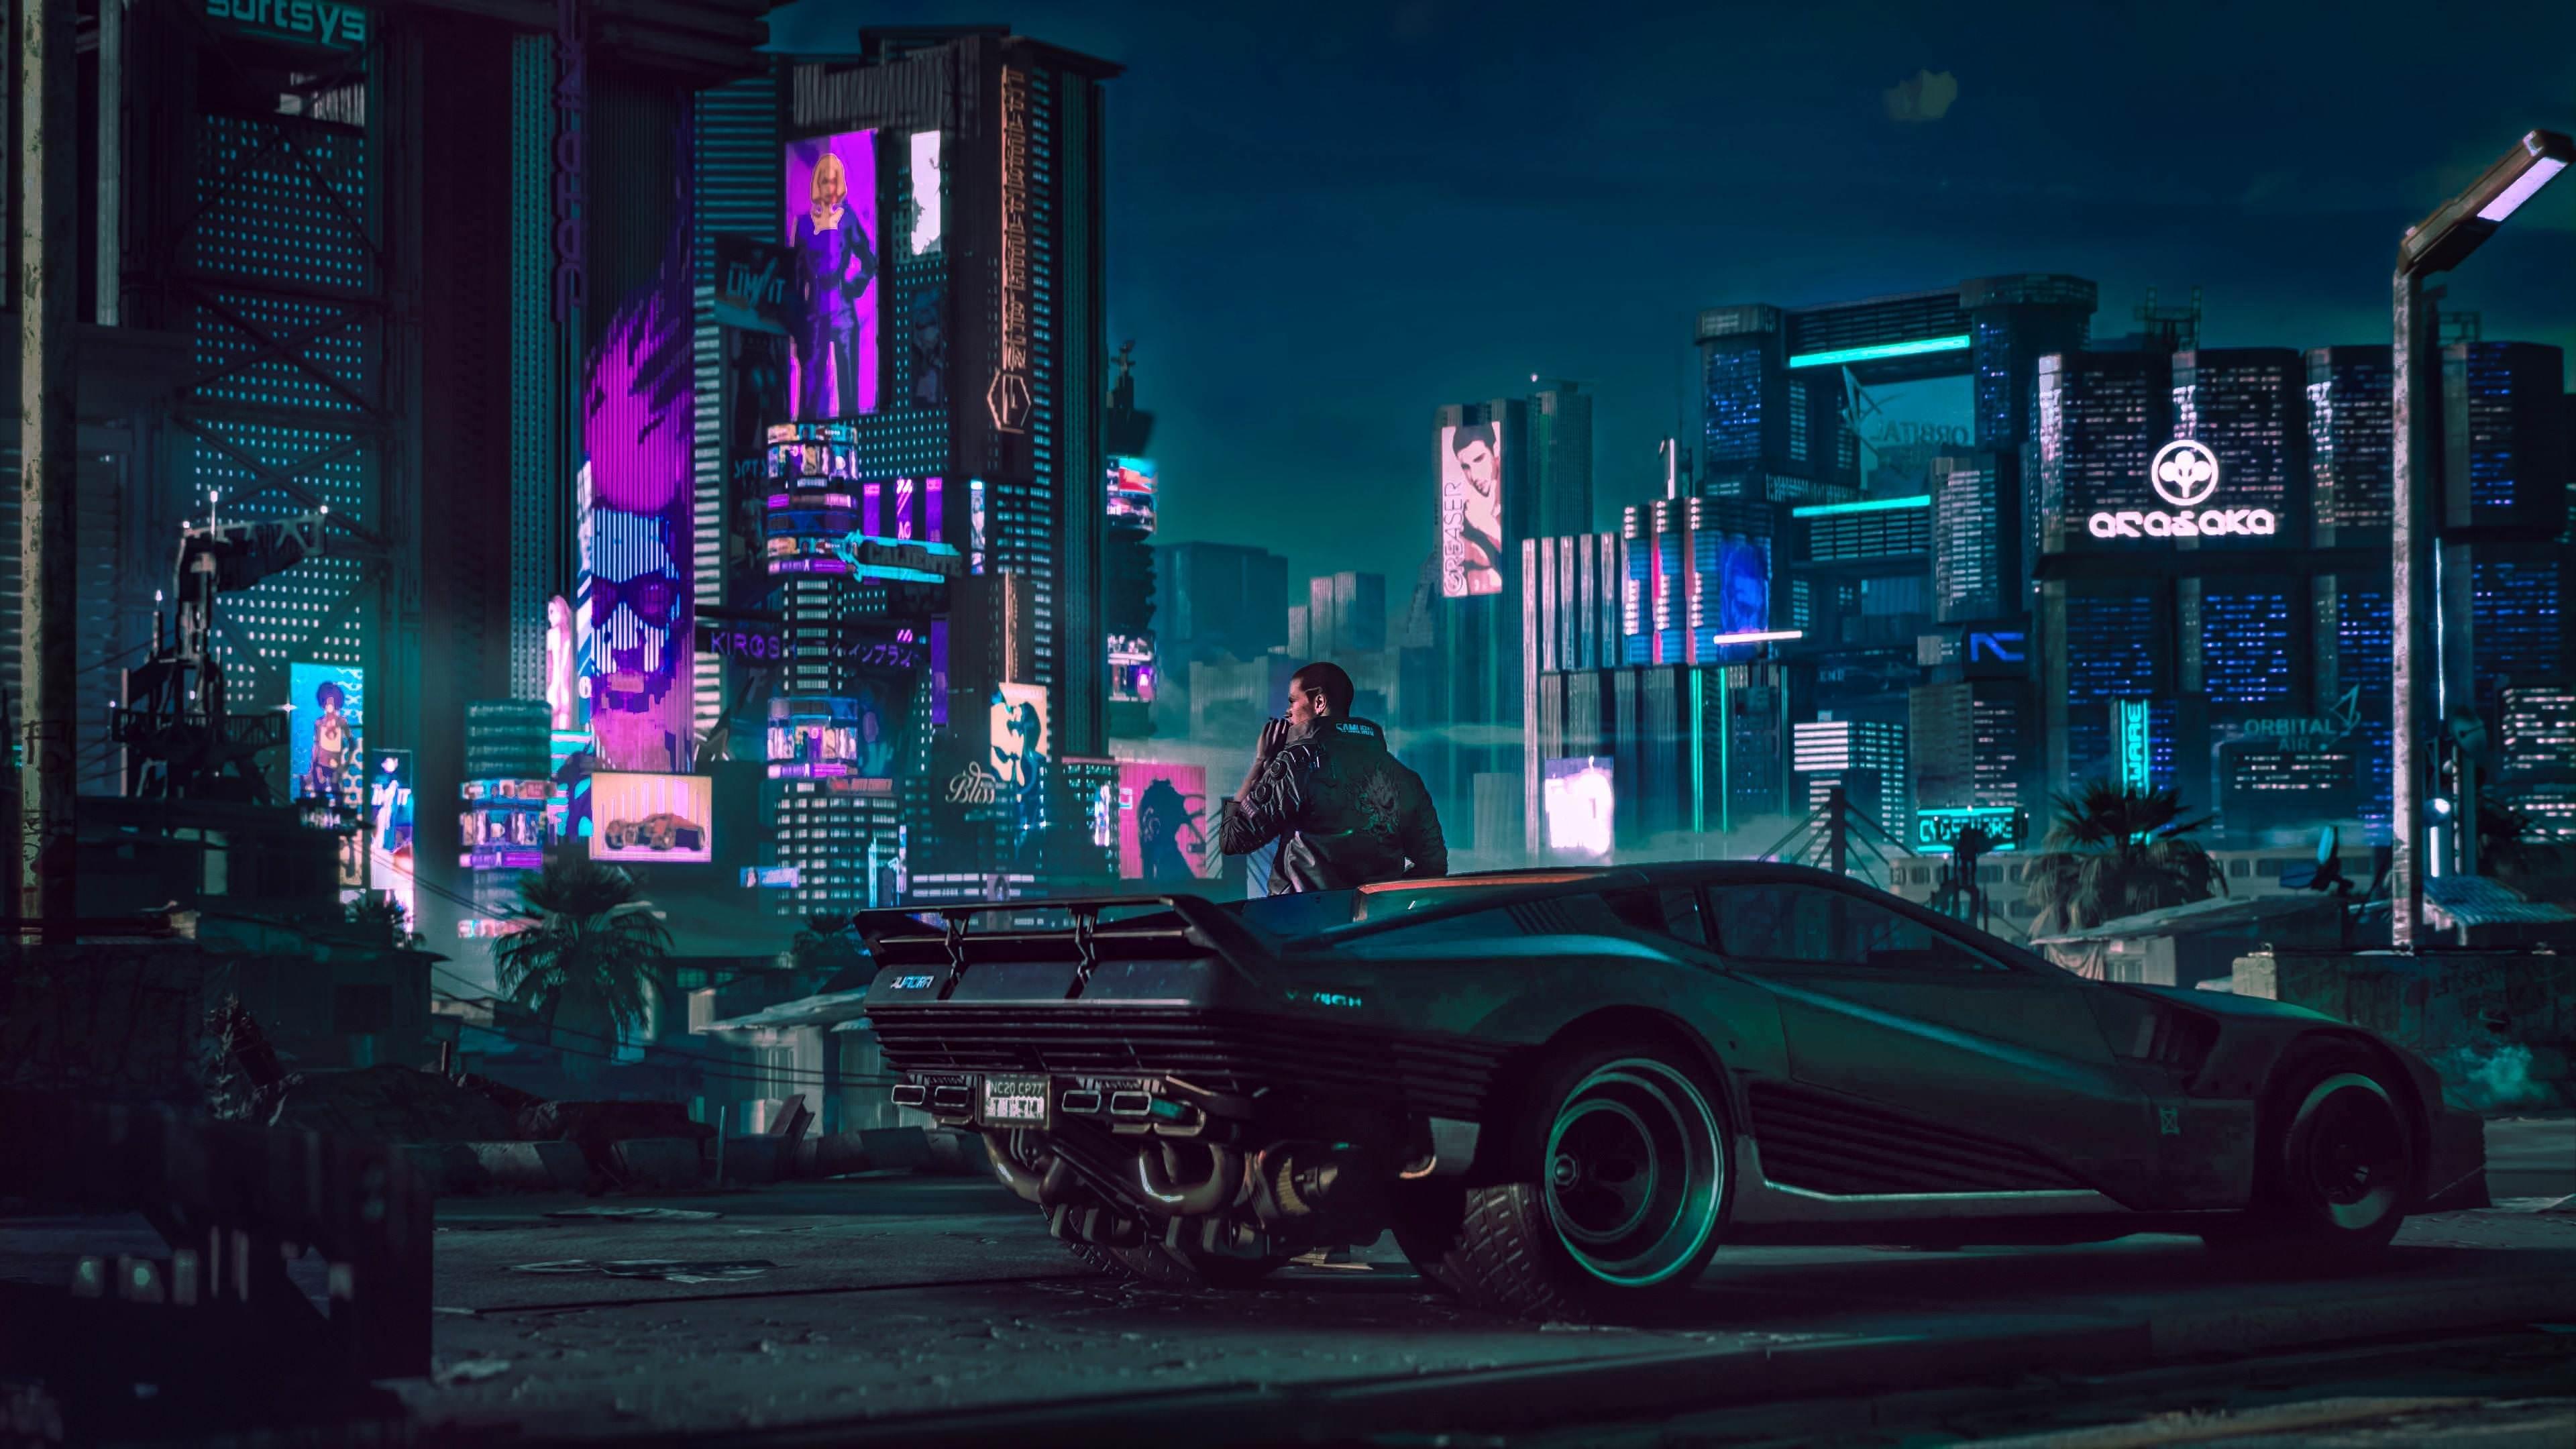 2018 cyberpunk 2077 4k 1537690251 - 2018 Cyberpunk 2077 4k - xbox games wallpapers, ps games wallpapers, pc games wallpapers, hd-wallpapers, games wallpapers, cyberpunk 2077 wallpapers, 4k-wallpapers